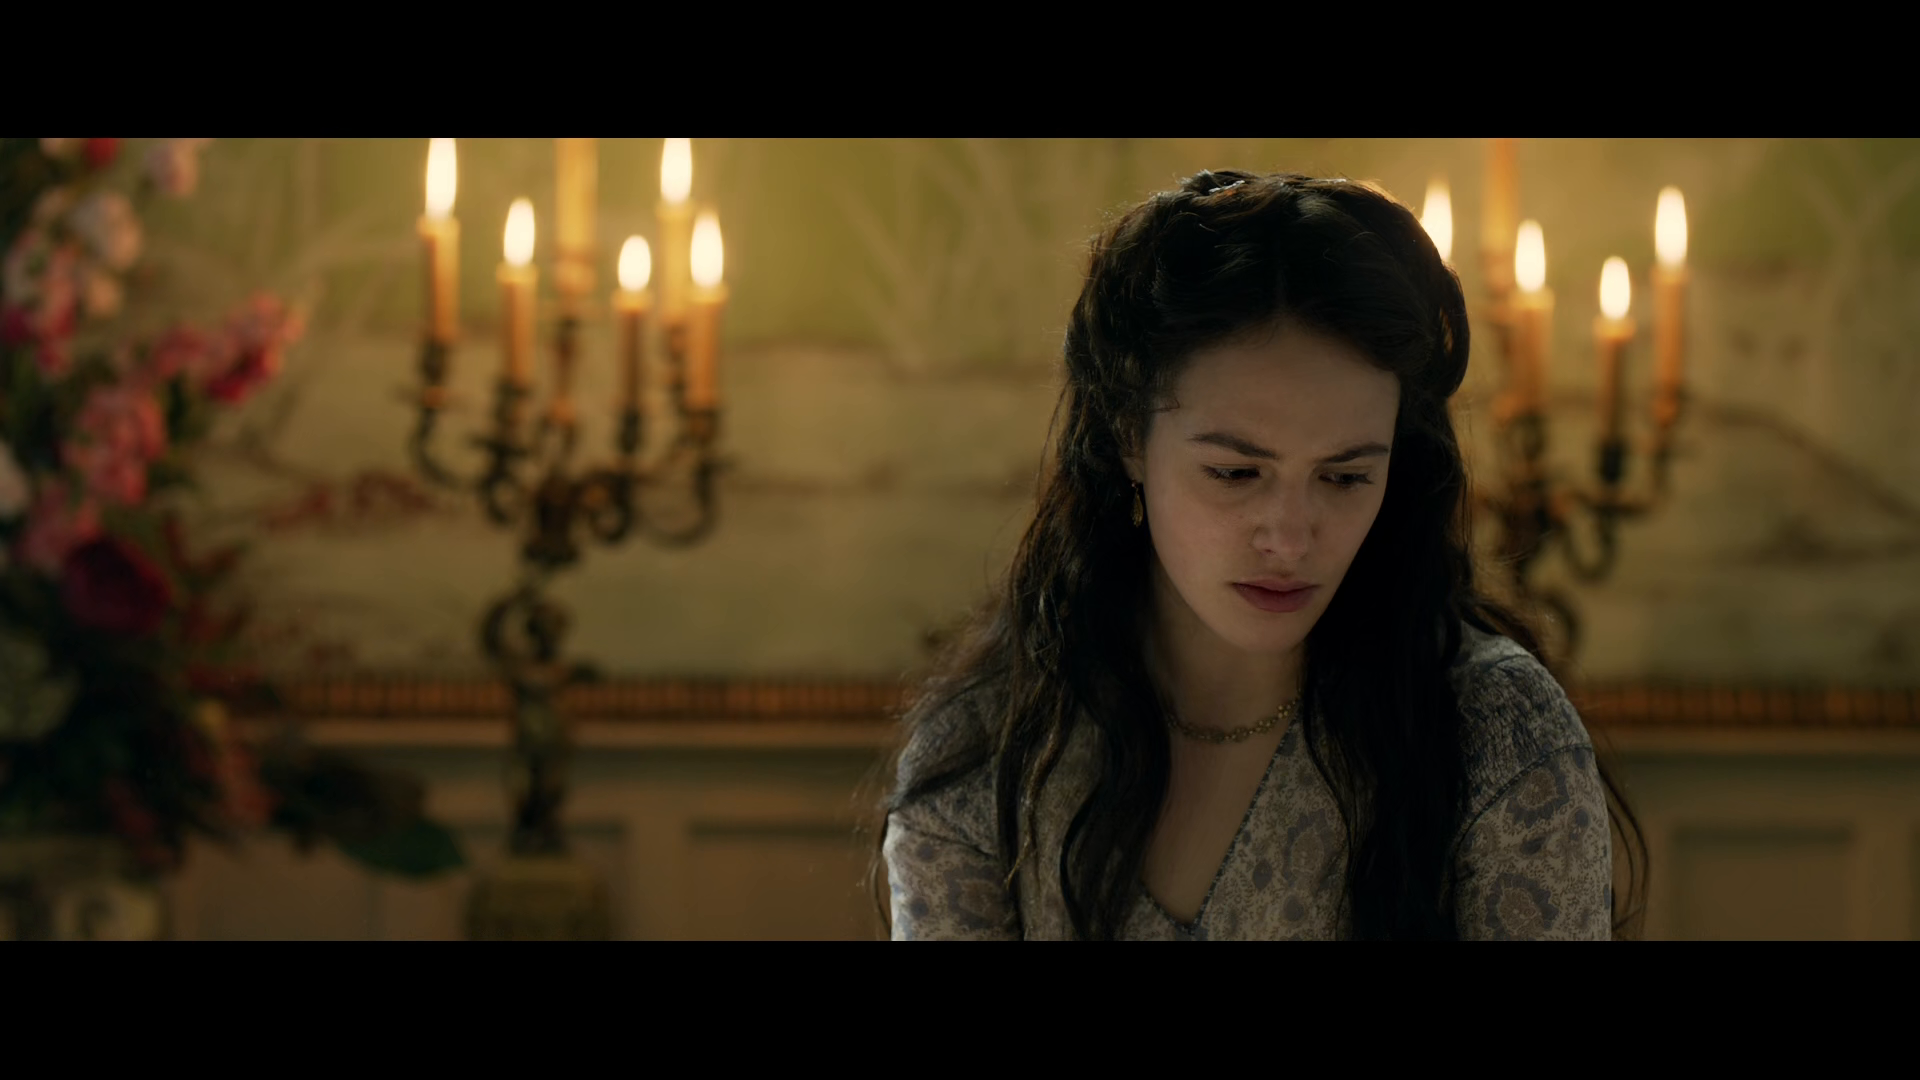 Captura de Víctor Frankenstein (2015) 1080p x265 HEVC Latino – Inglés